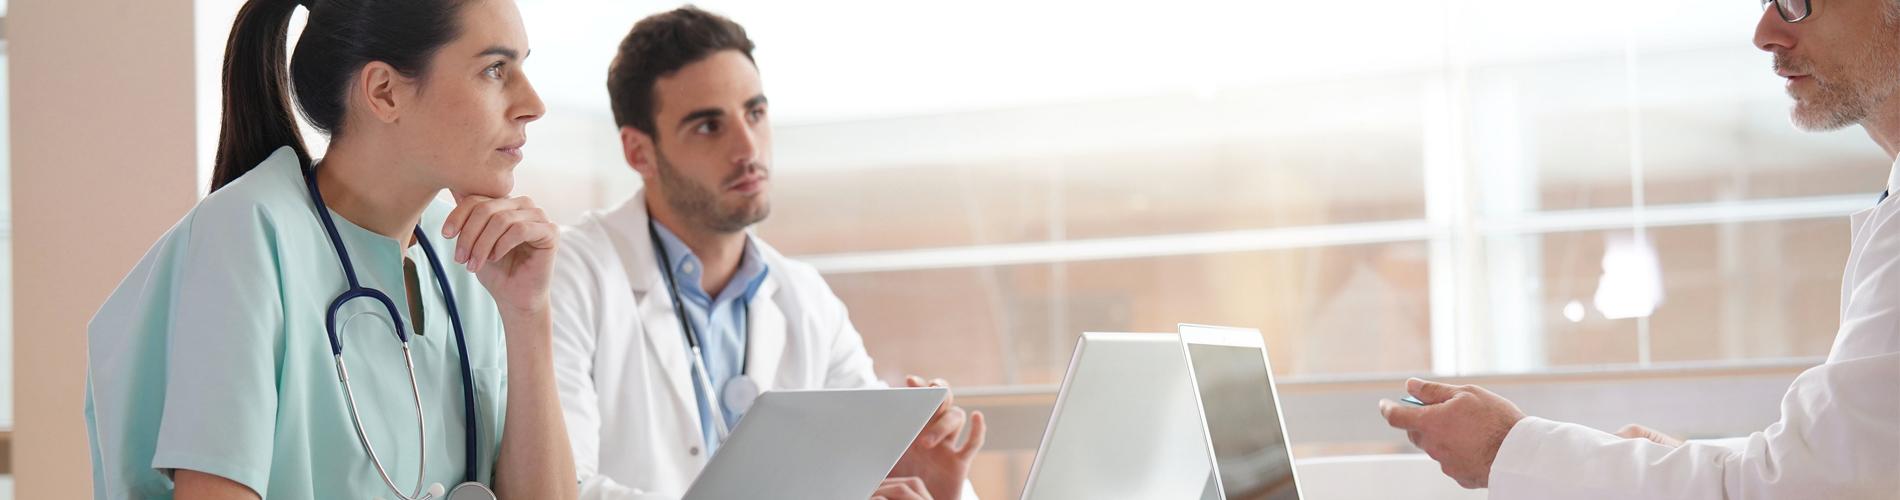 Amplitude pro enterprise solution - Amplitude Clinical Outcomes